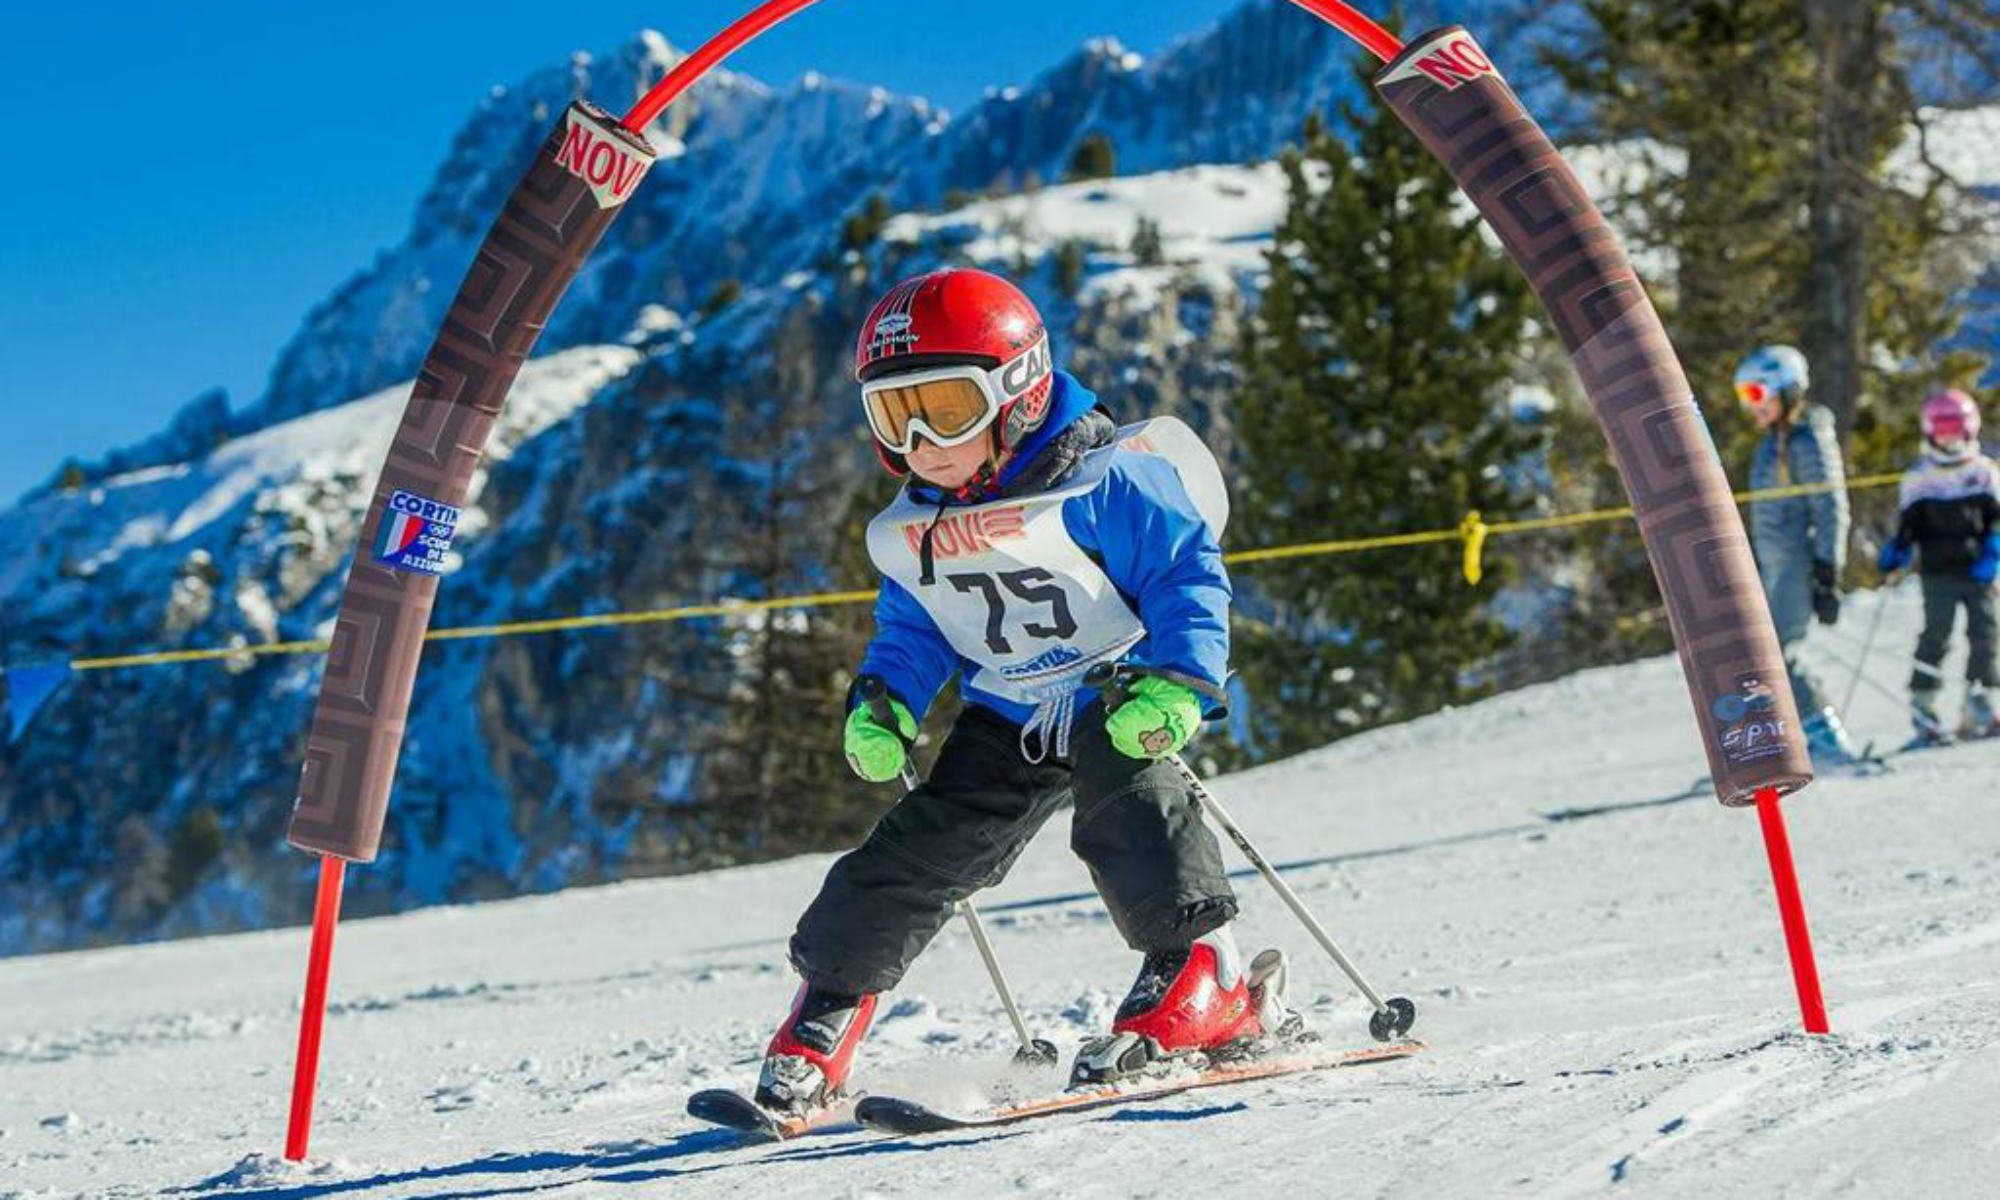 Ein Kind fährt durch einen bunten Bogen auf einer Übungsfläche im Skigebiet Cortina d'Ampezzo.